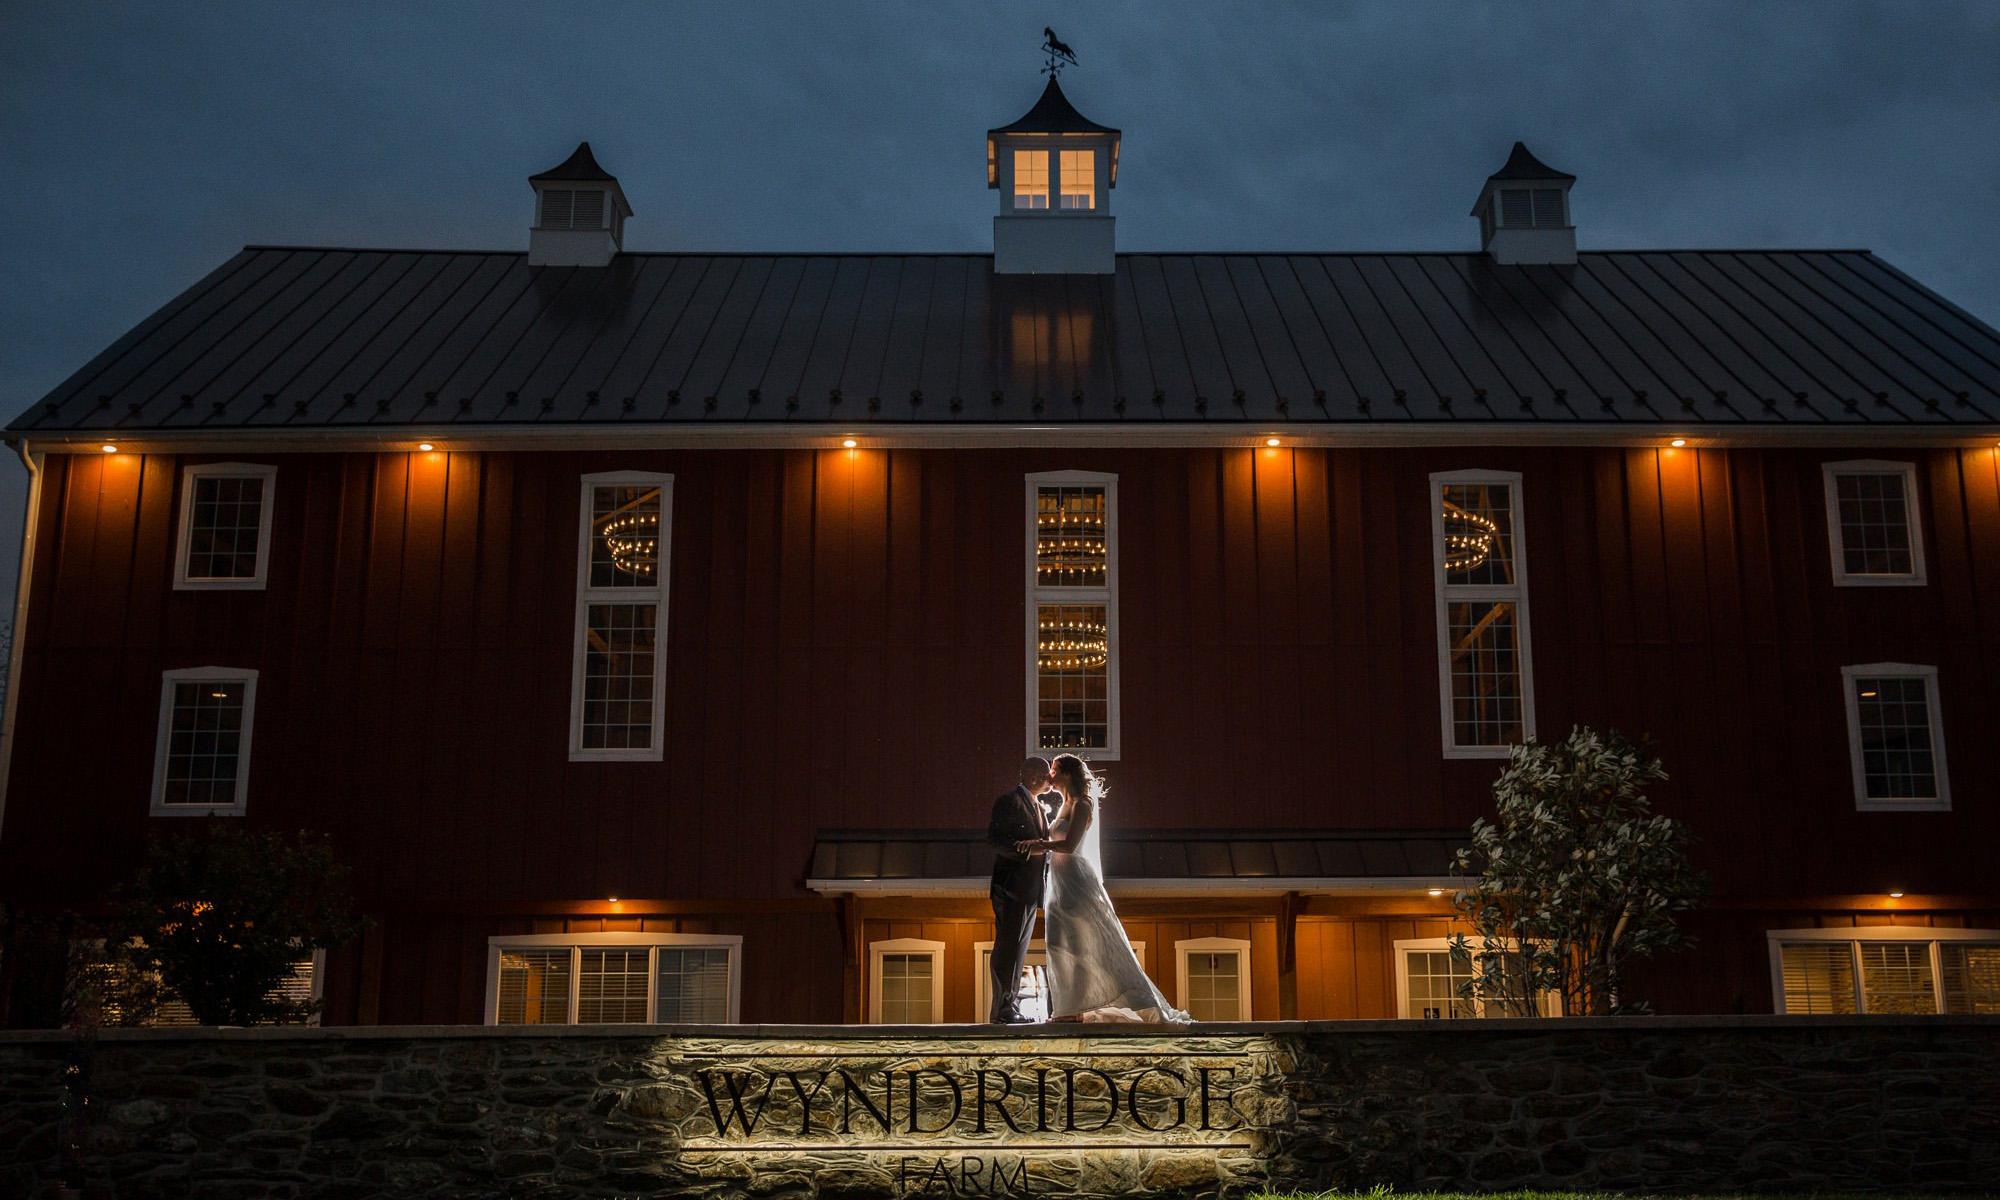 york county wedding venue-wyndridge farm night photo